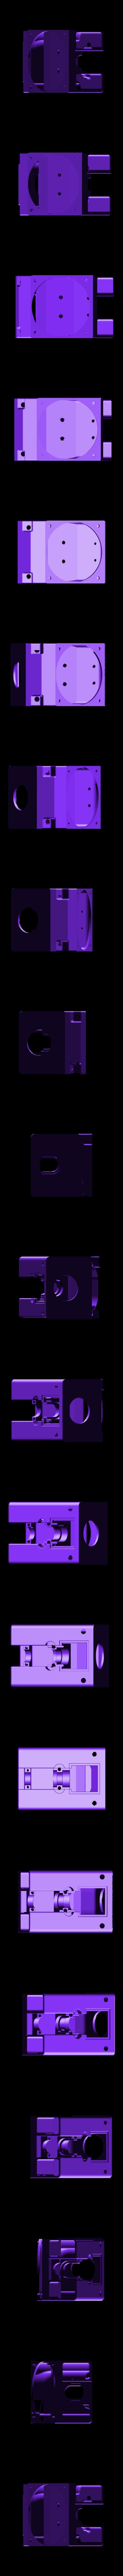 hotend_fan_houder1.stl Télécharger fichier STL gratuit Configuration Hotend pour routeur personnalisé • Modèle pour impression 3D, Job